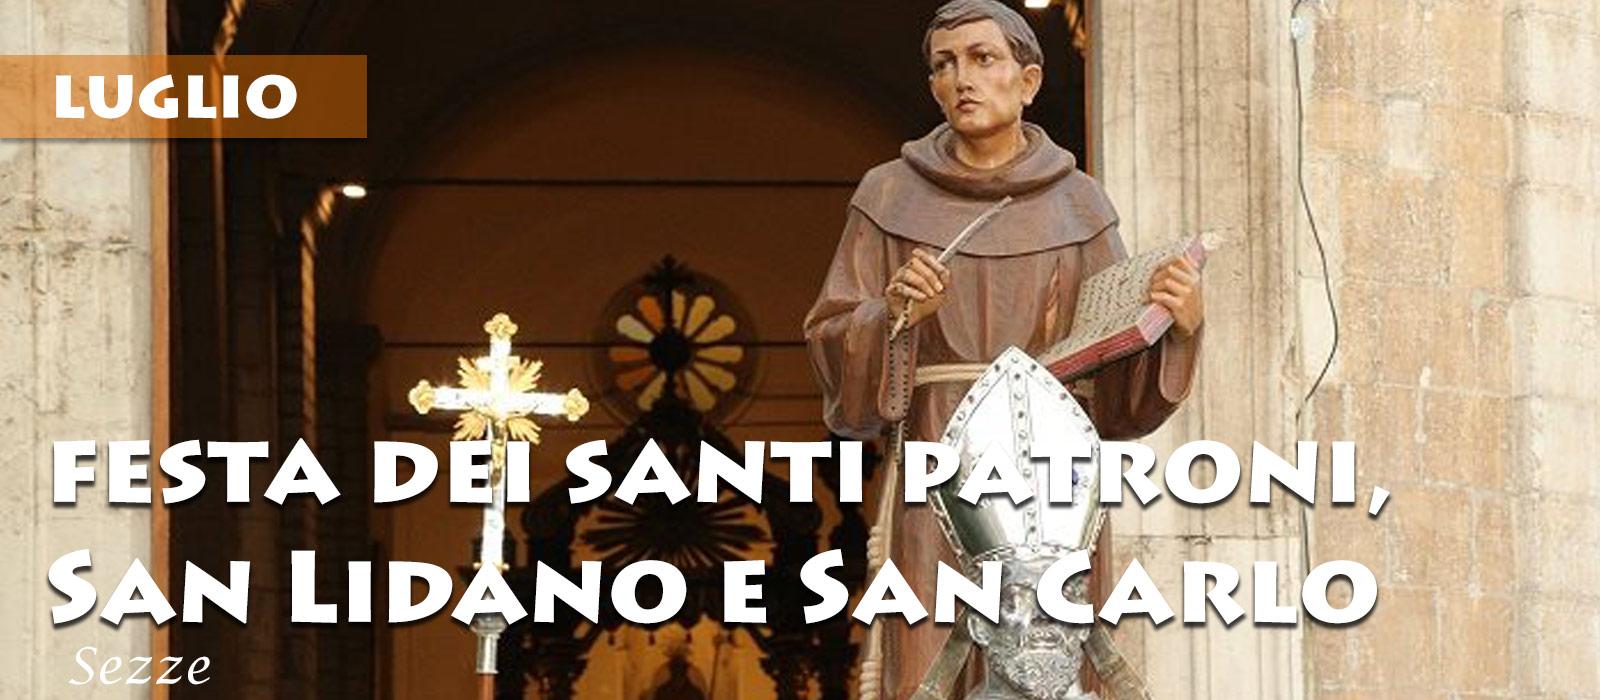 festa-santi-patroni